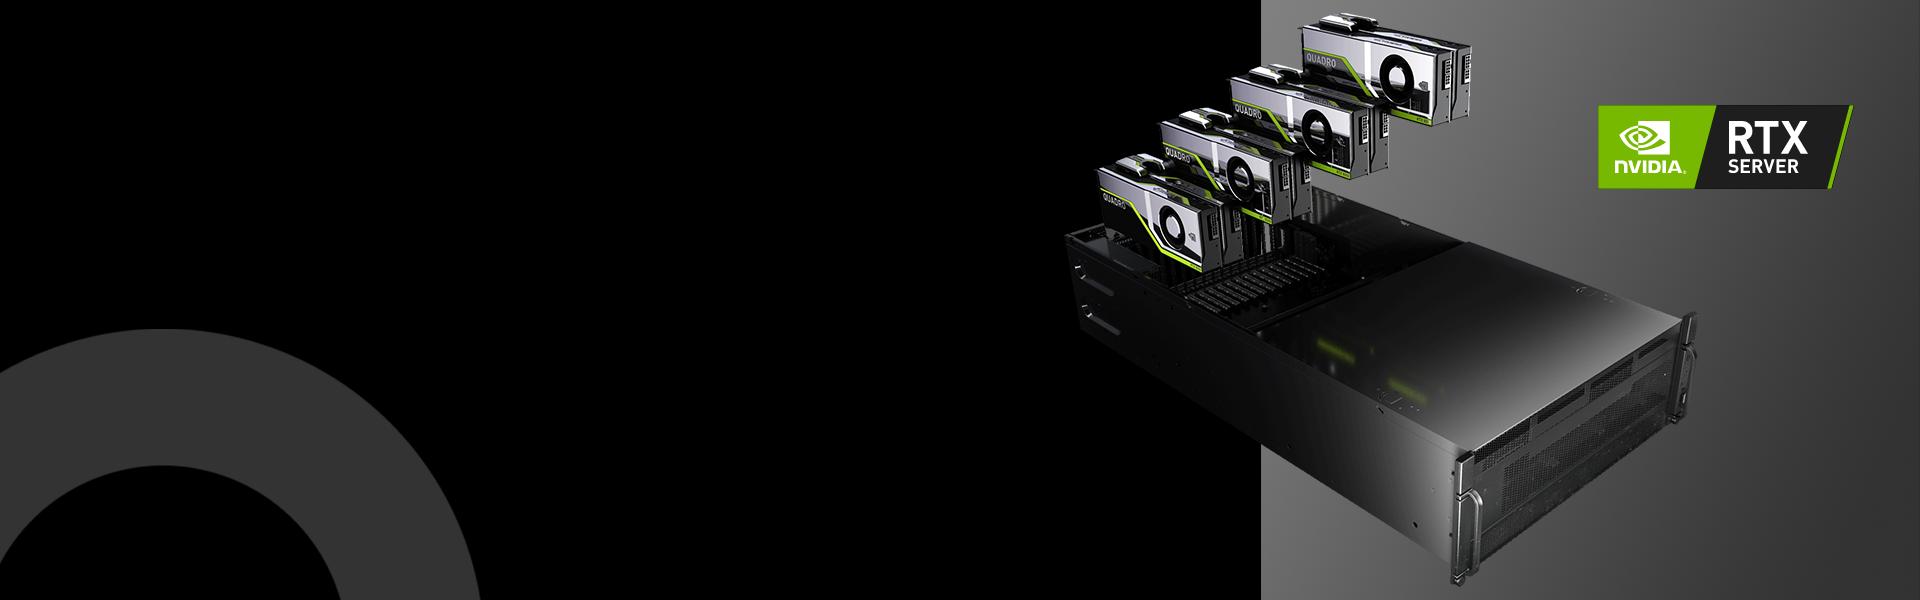 <b>NVIDIA RTX Server</b>